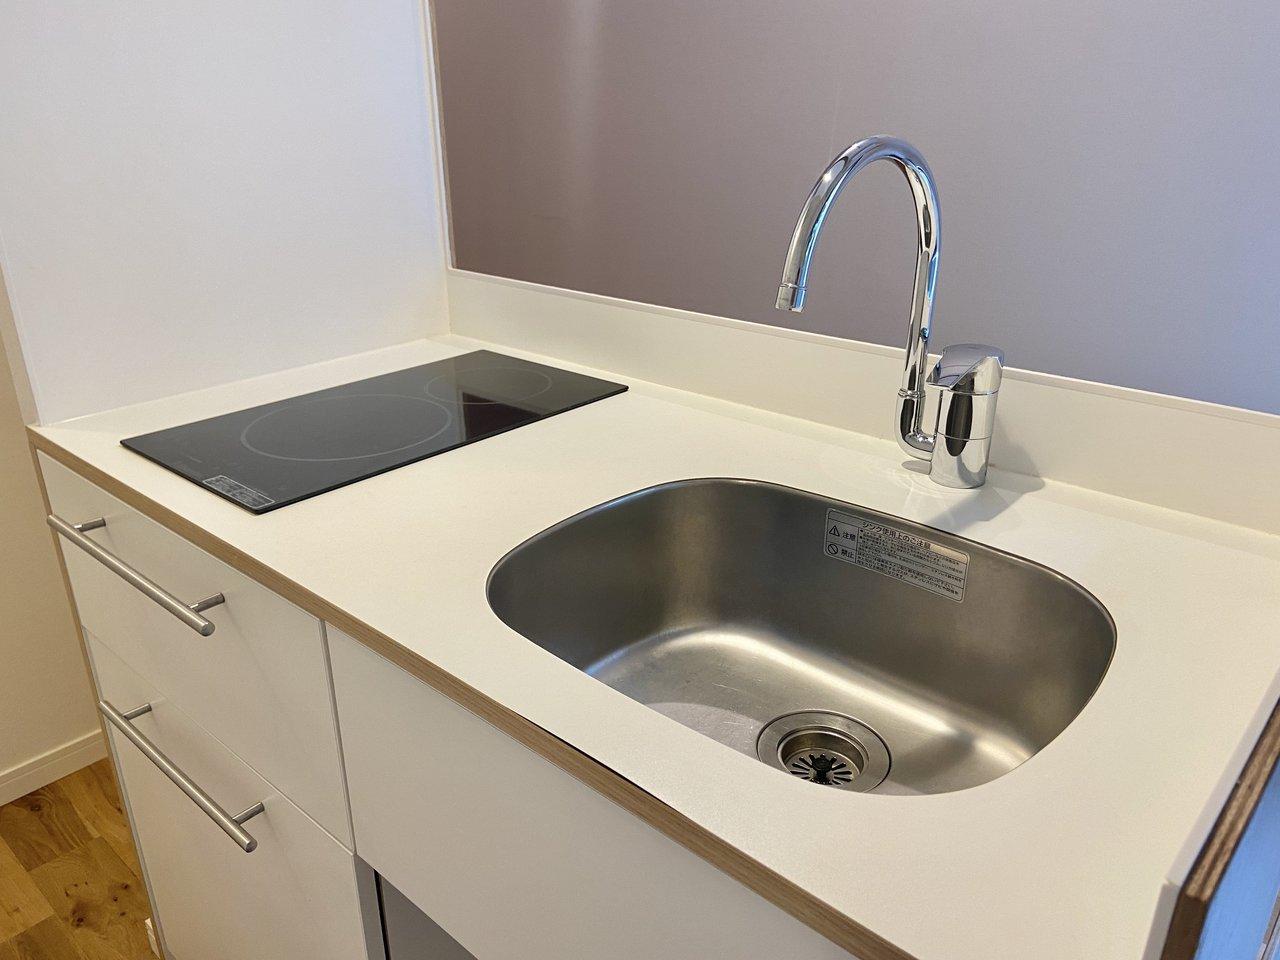 バルコニー横に位置する対面式キッチンは明るく、換気がスムーズです。2口IHコンロはサッと汚れを拭けてお掃除ラクラク。